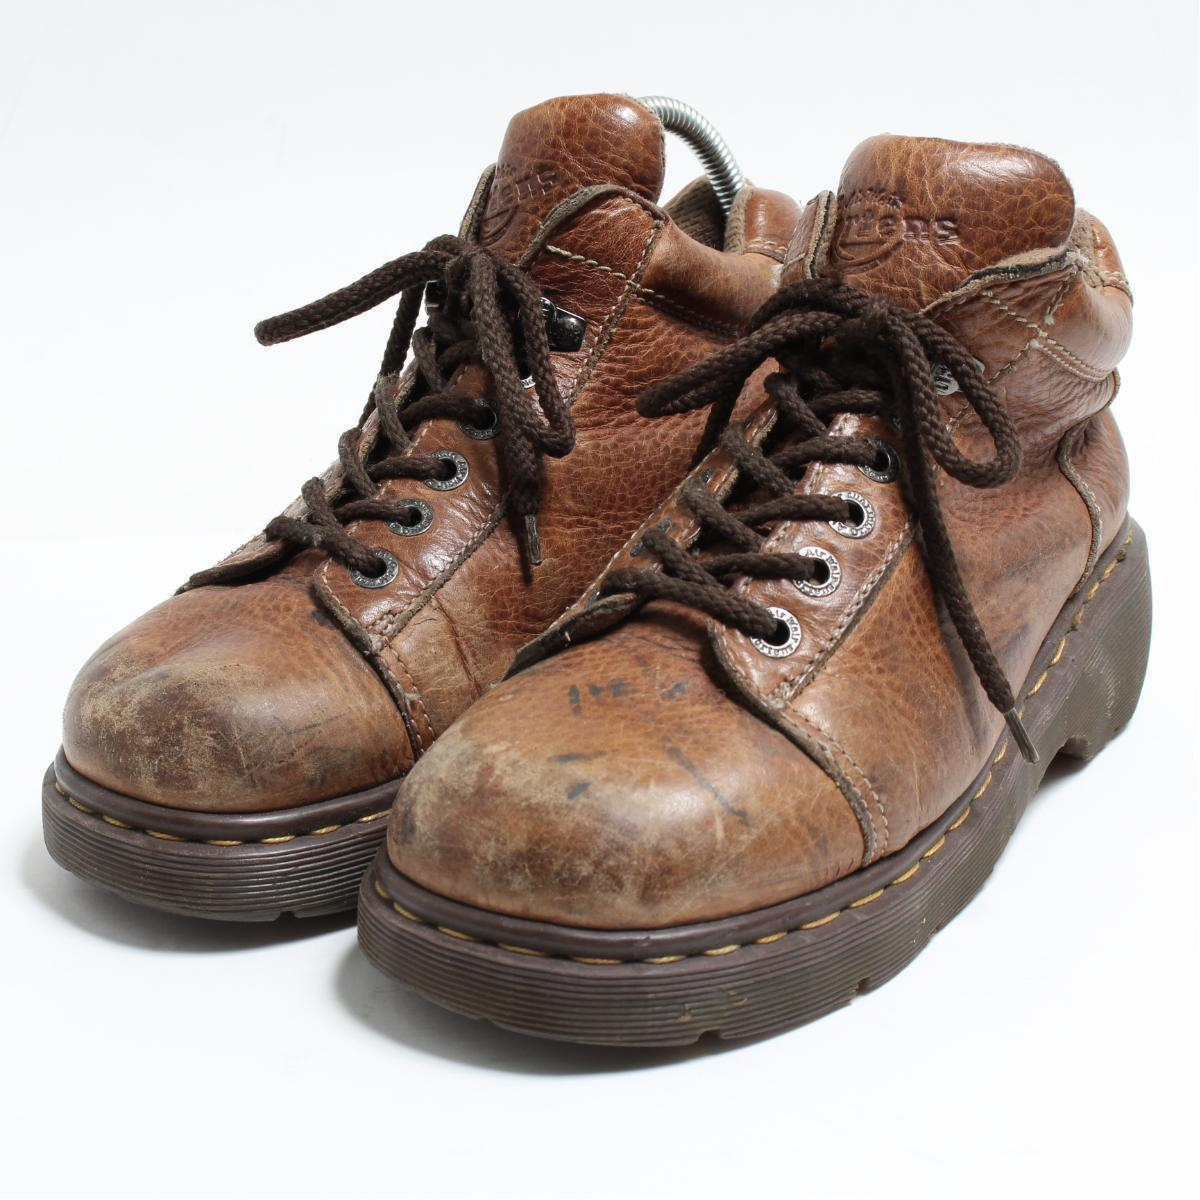 ブーツ, その他  Dr.Martens UK7 25.5cm bon7396 180825